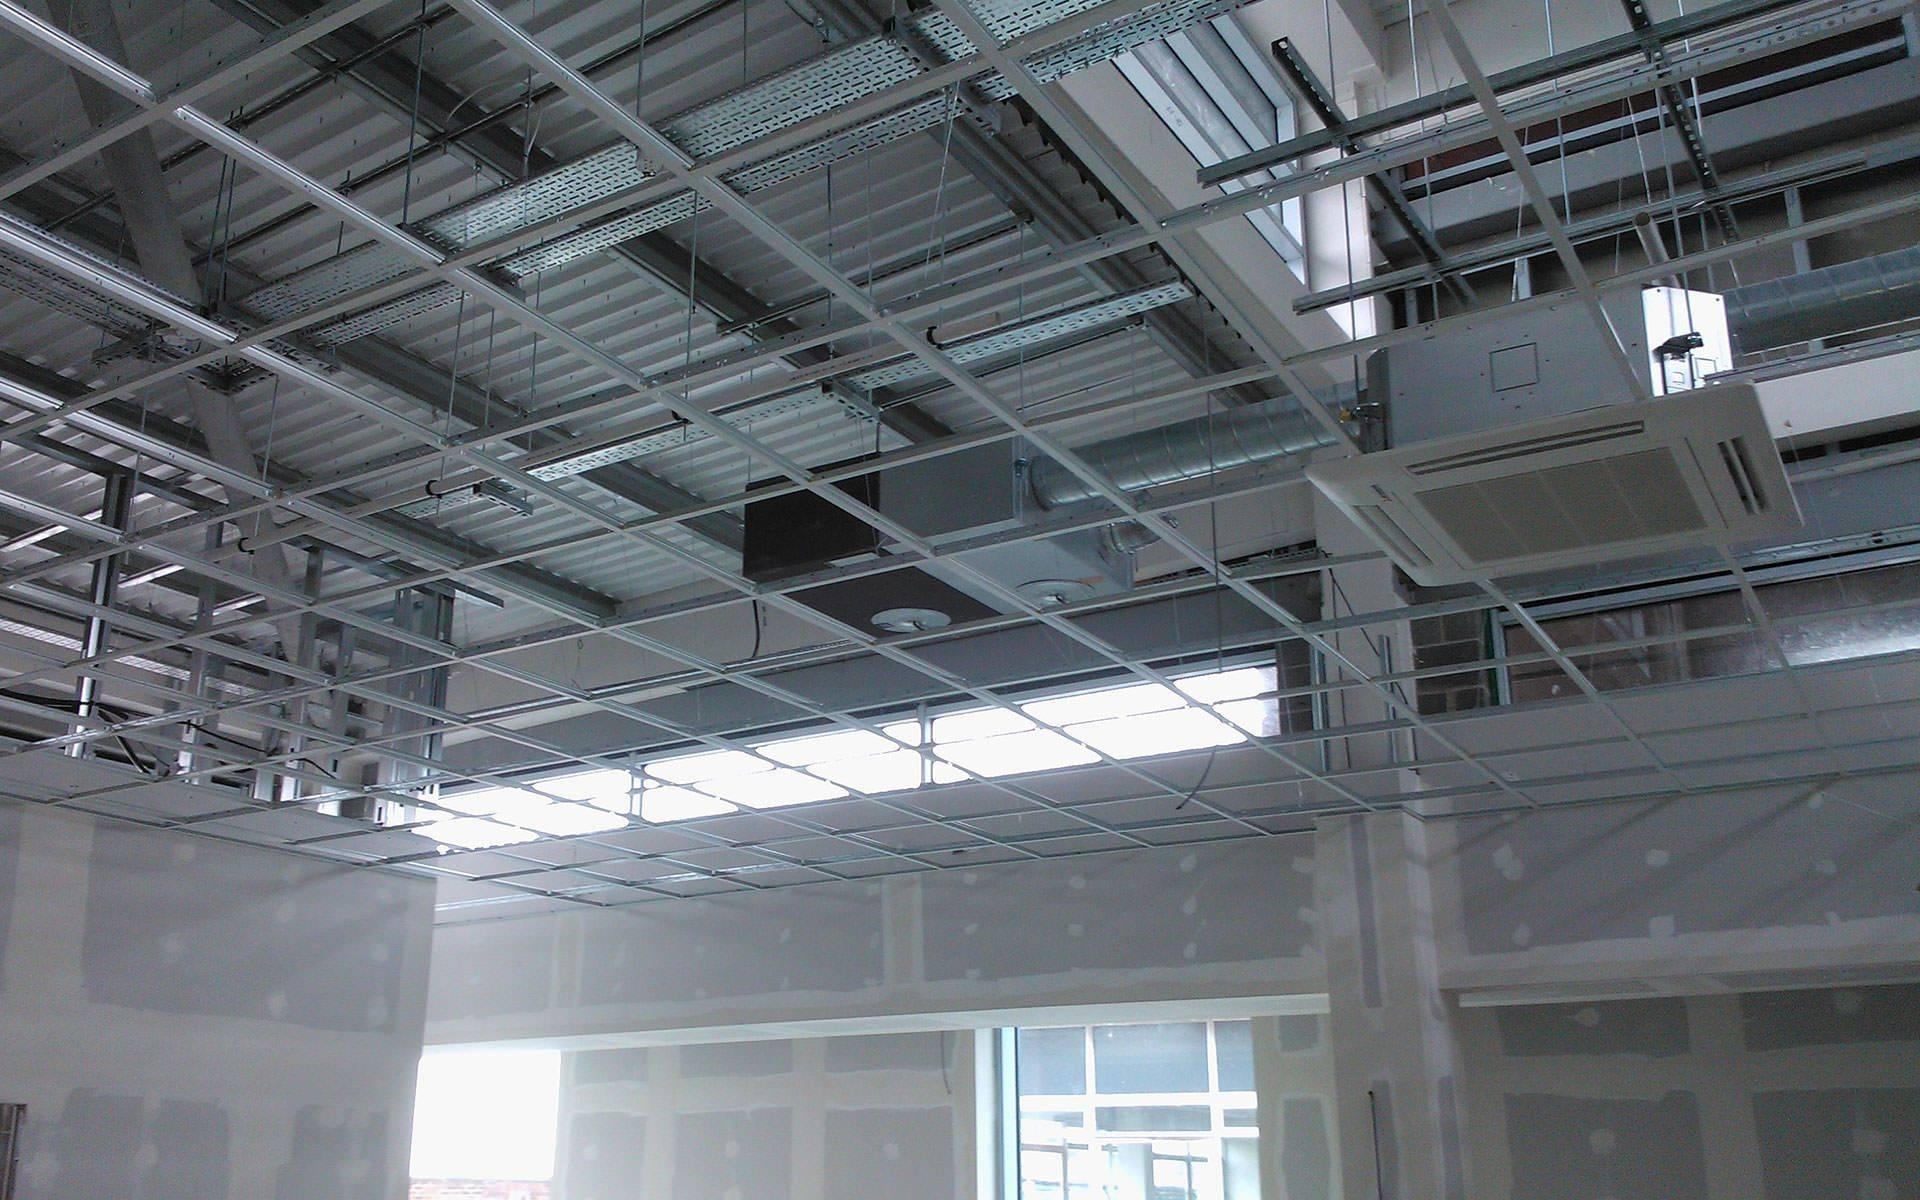 Демонтаж потолка армстронг: расценка в смете подвесного и цена за м2, типы и сколько стоят